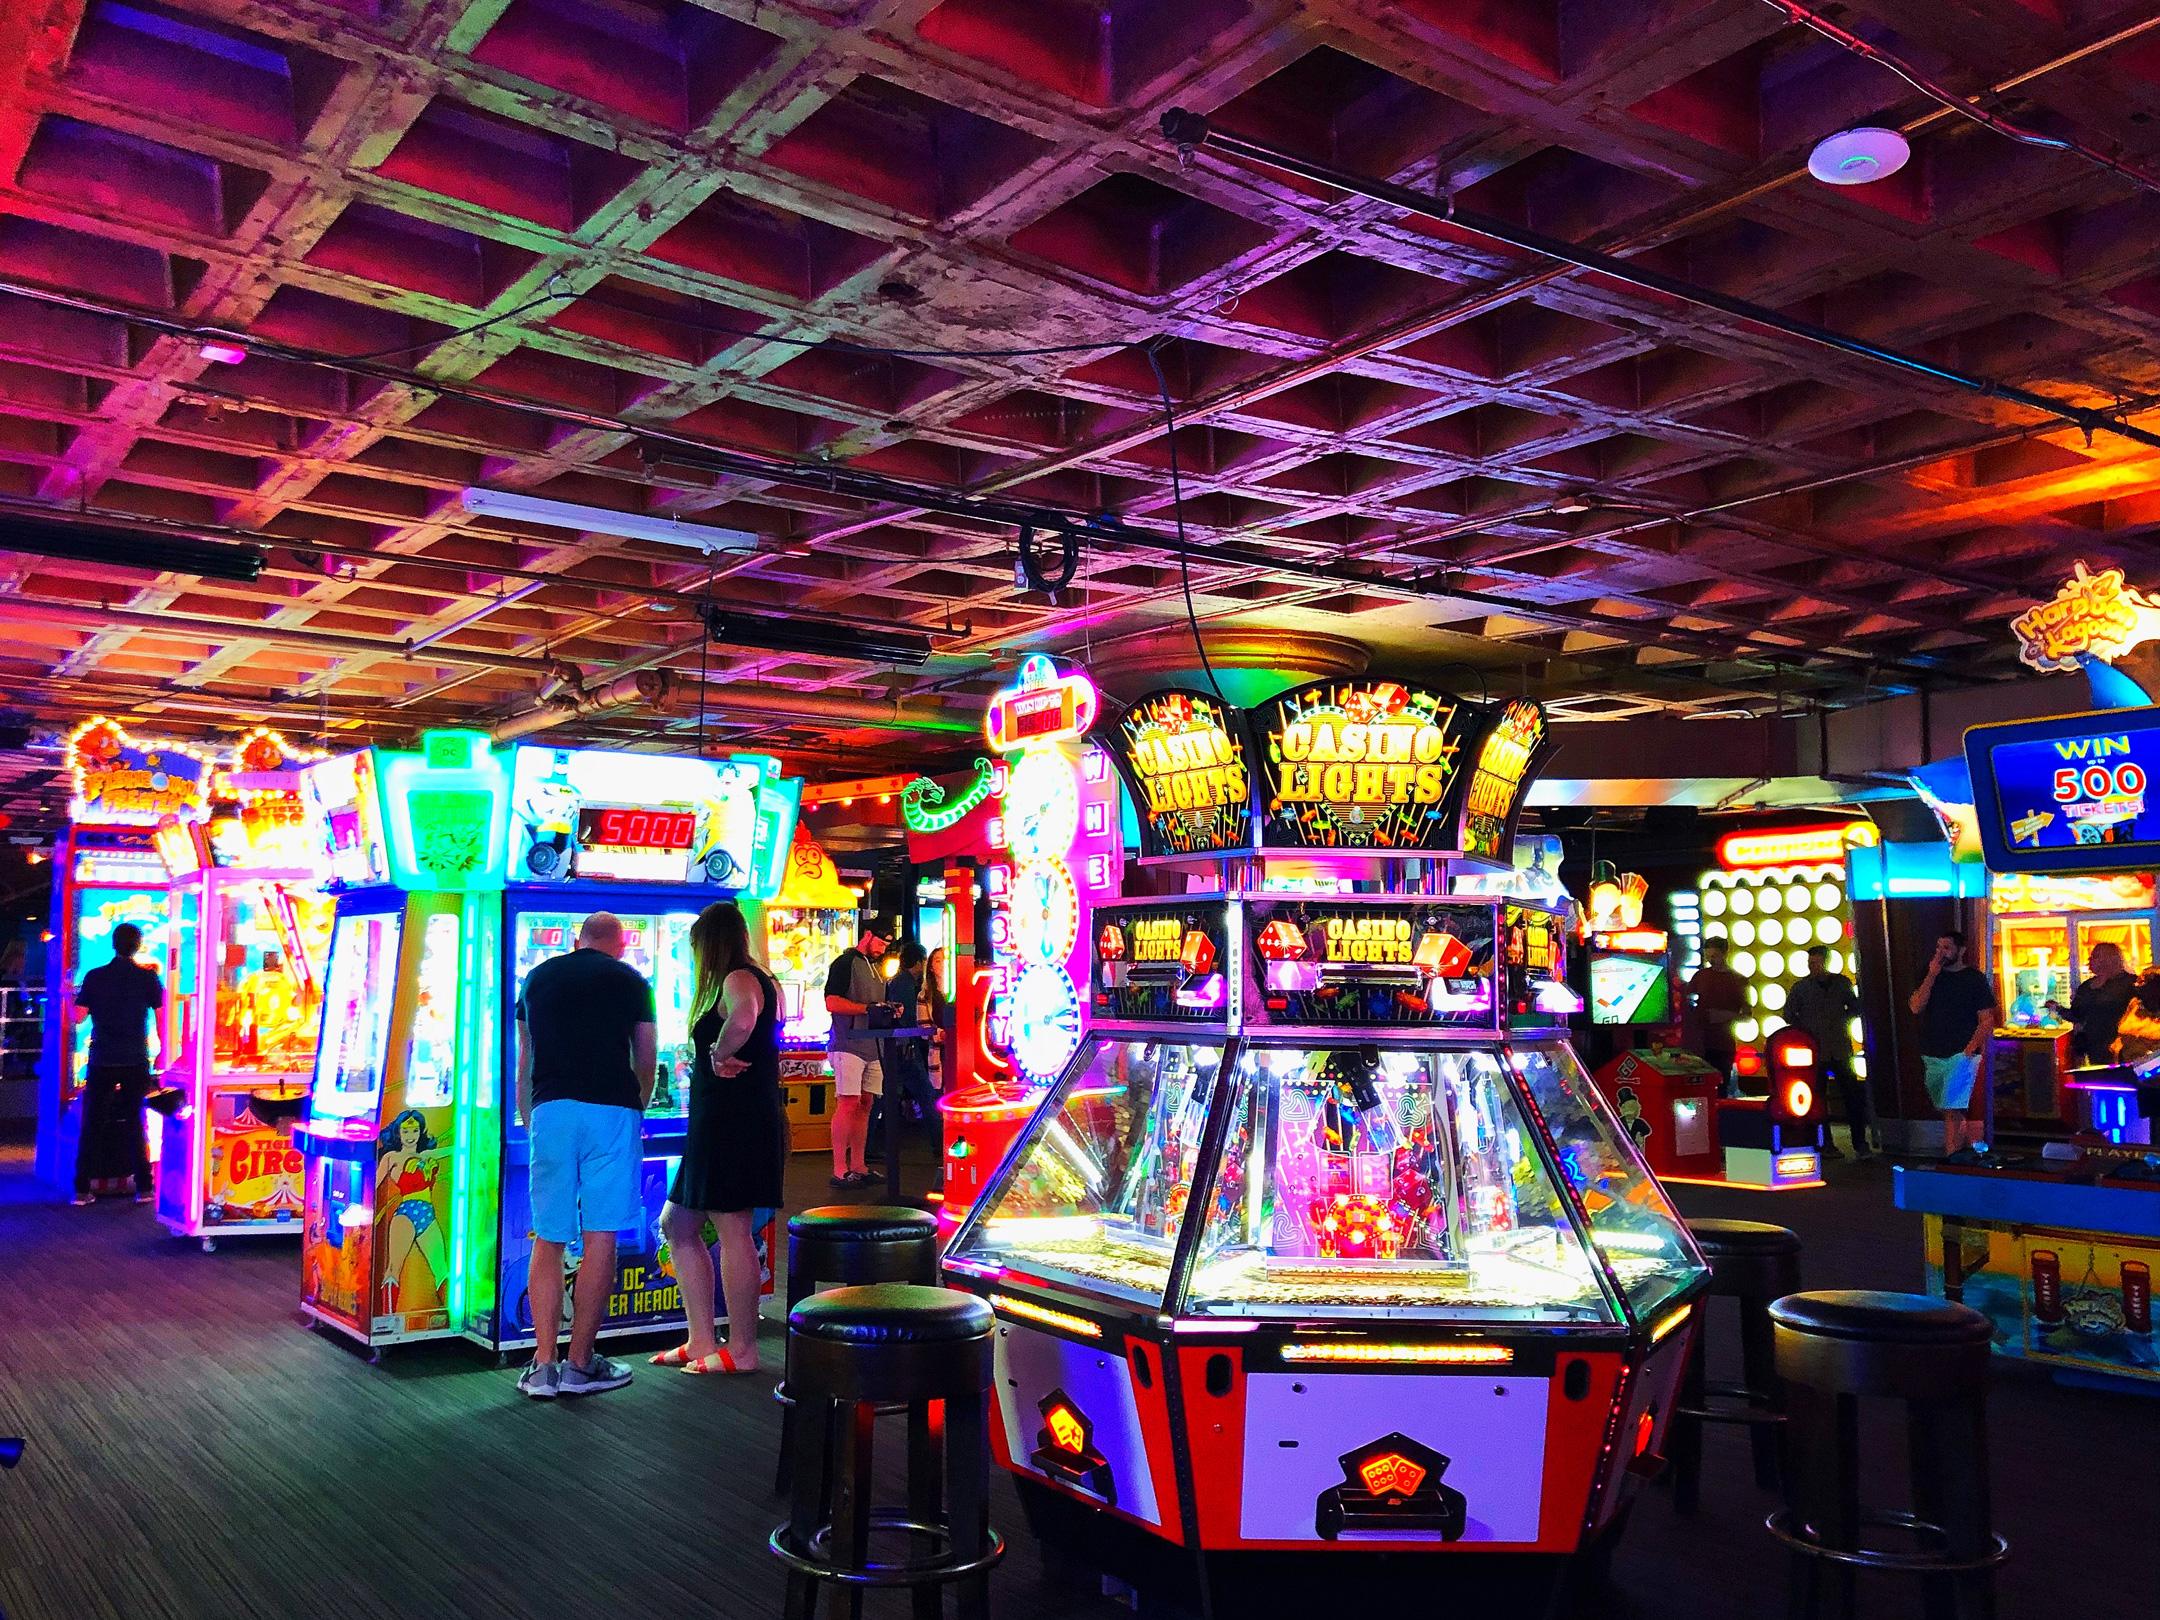 Photo - Arcade in Boston